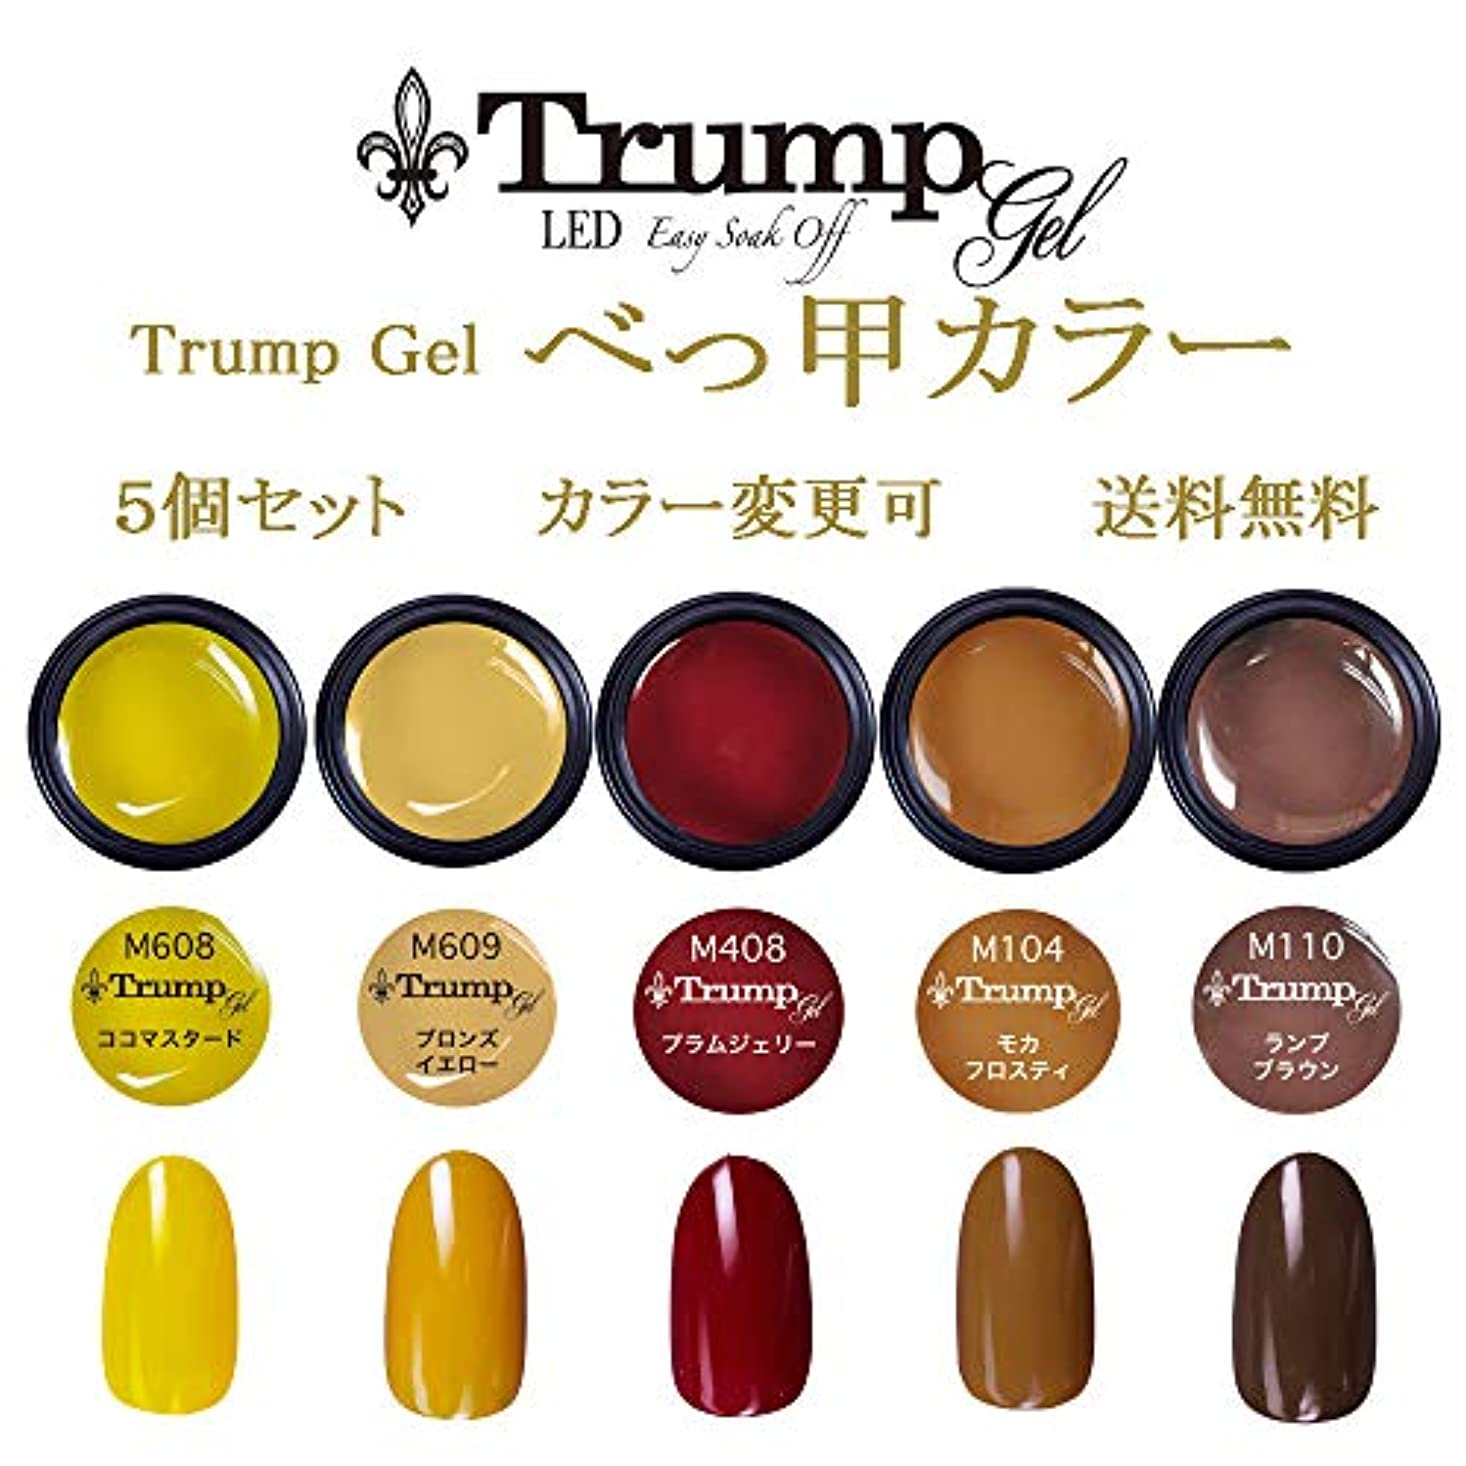 ハグぼんやりした男らしい日本製 Trump gel トランプジェル べっ甲 ネイルカラー 選べる カラージェル 5個セット イエロー ブラウン ワイン べっこう